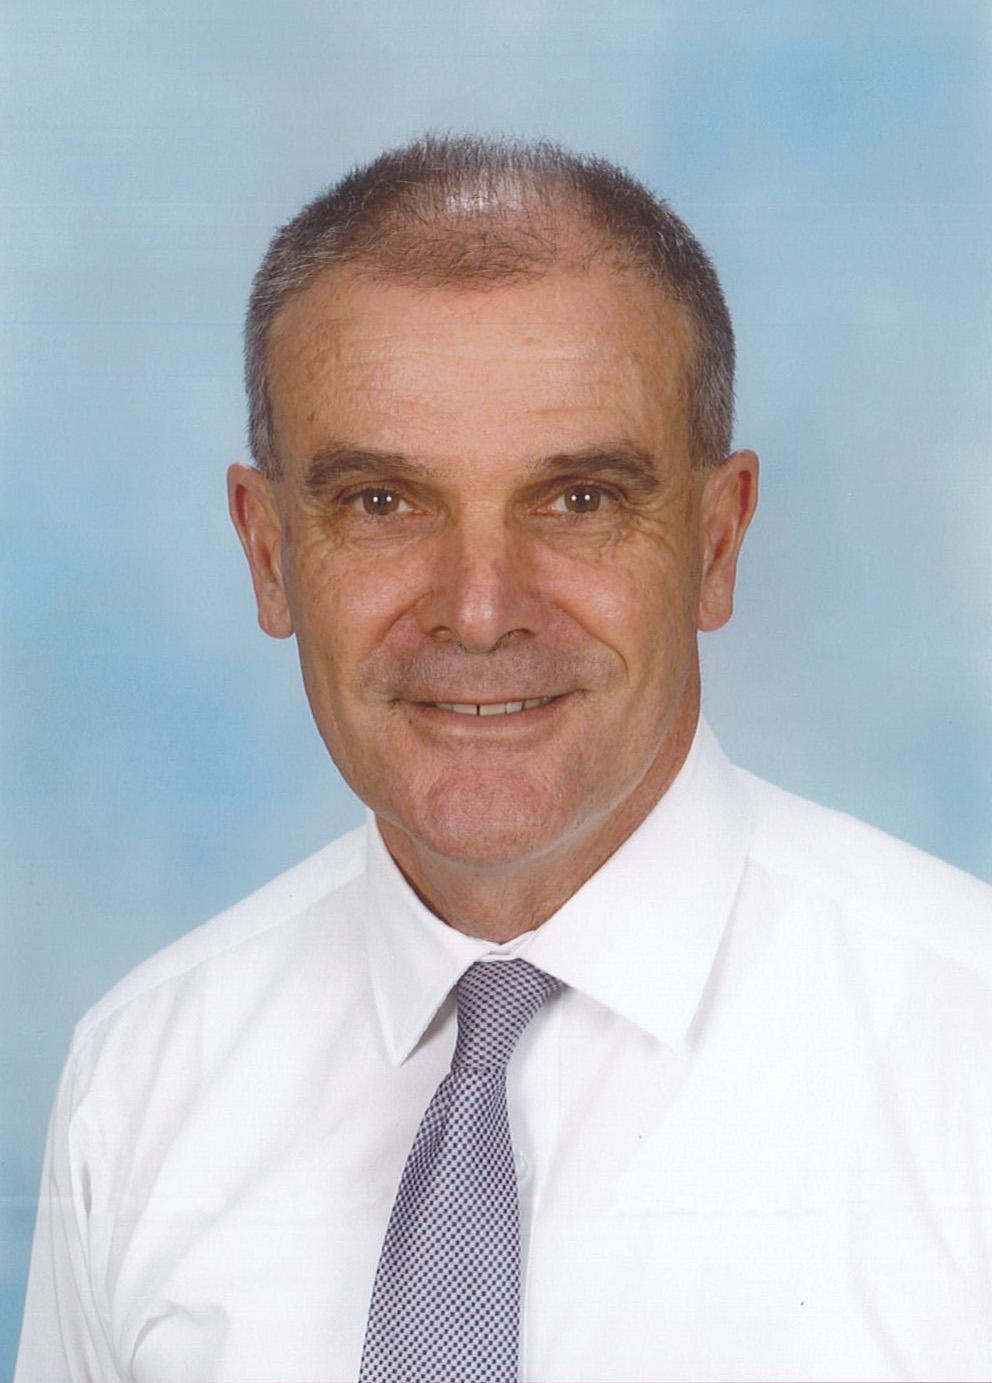 Greg McMahon - College Principal